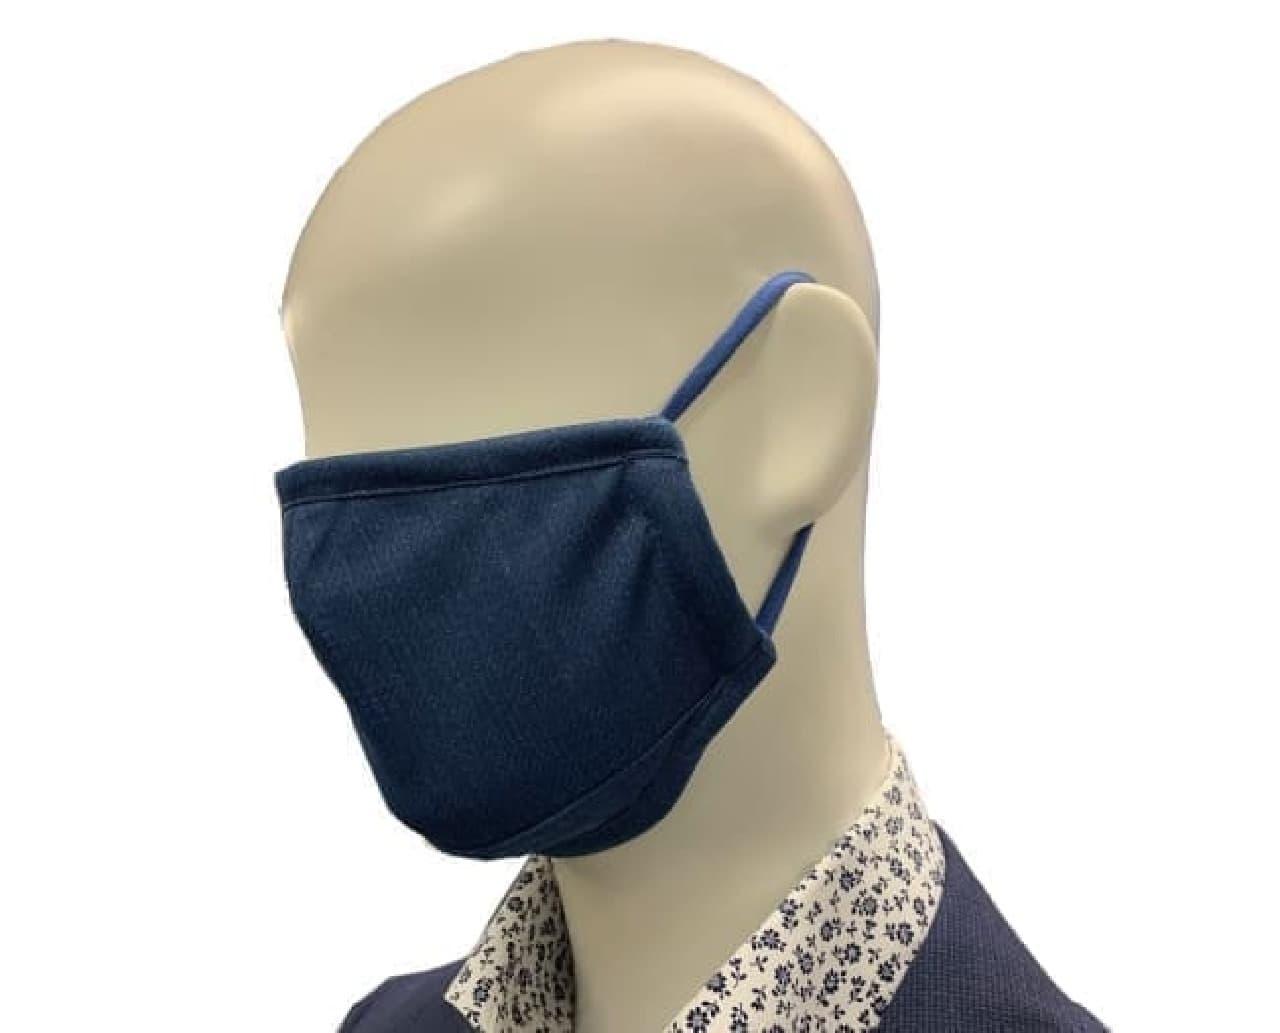 「デニム調プリント布マスク」がはるやまから